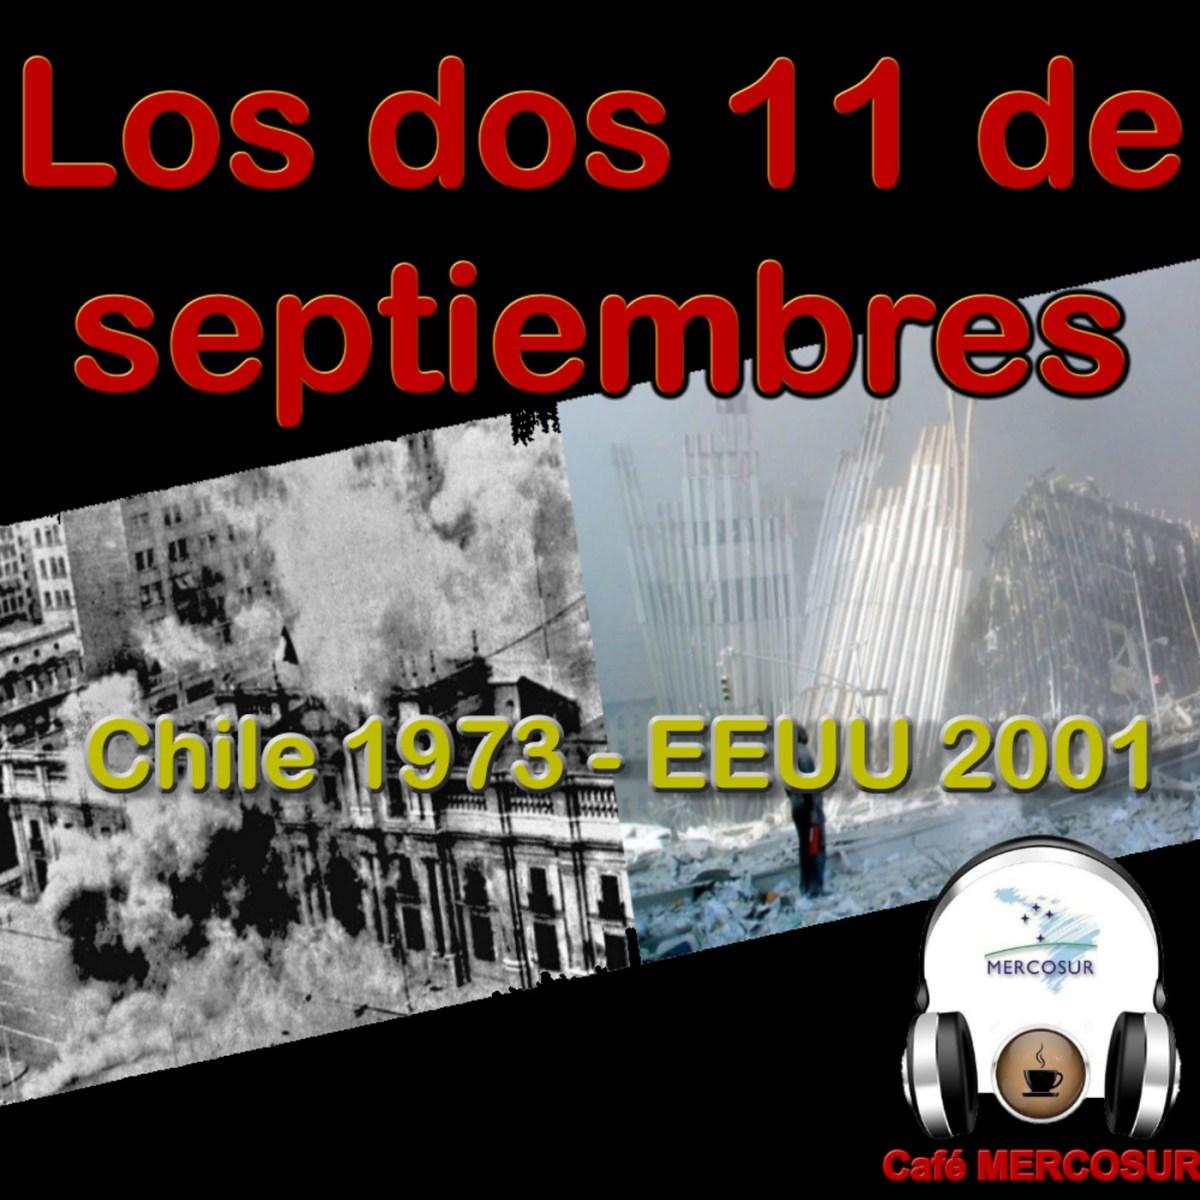 América Latina y los dos 11 de setiembres